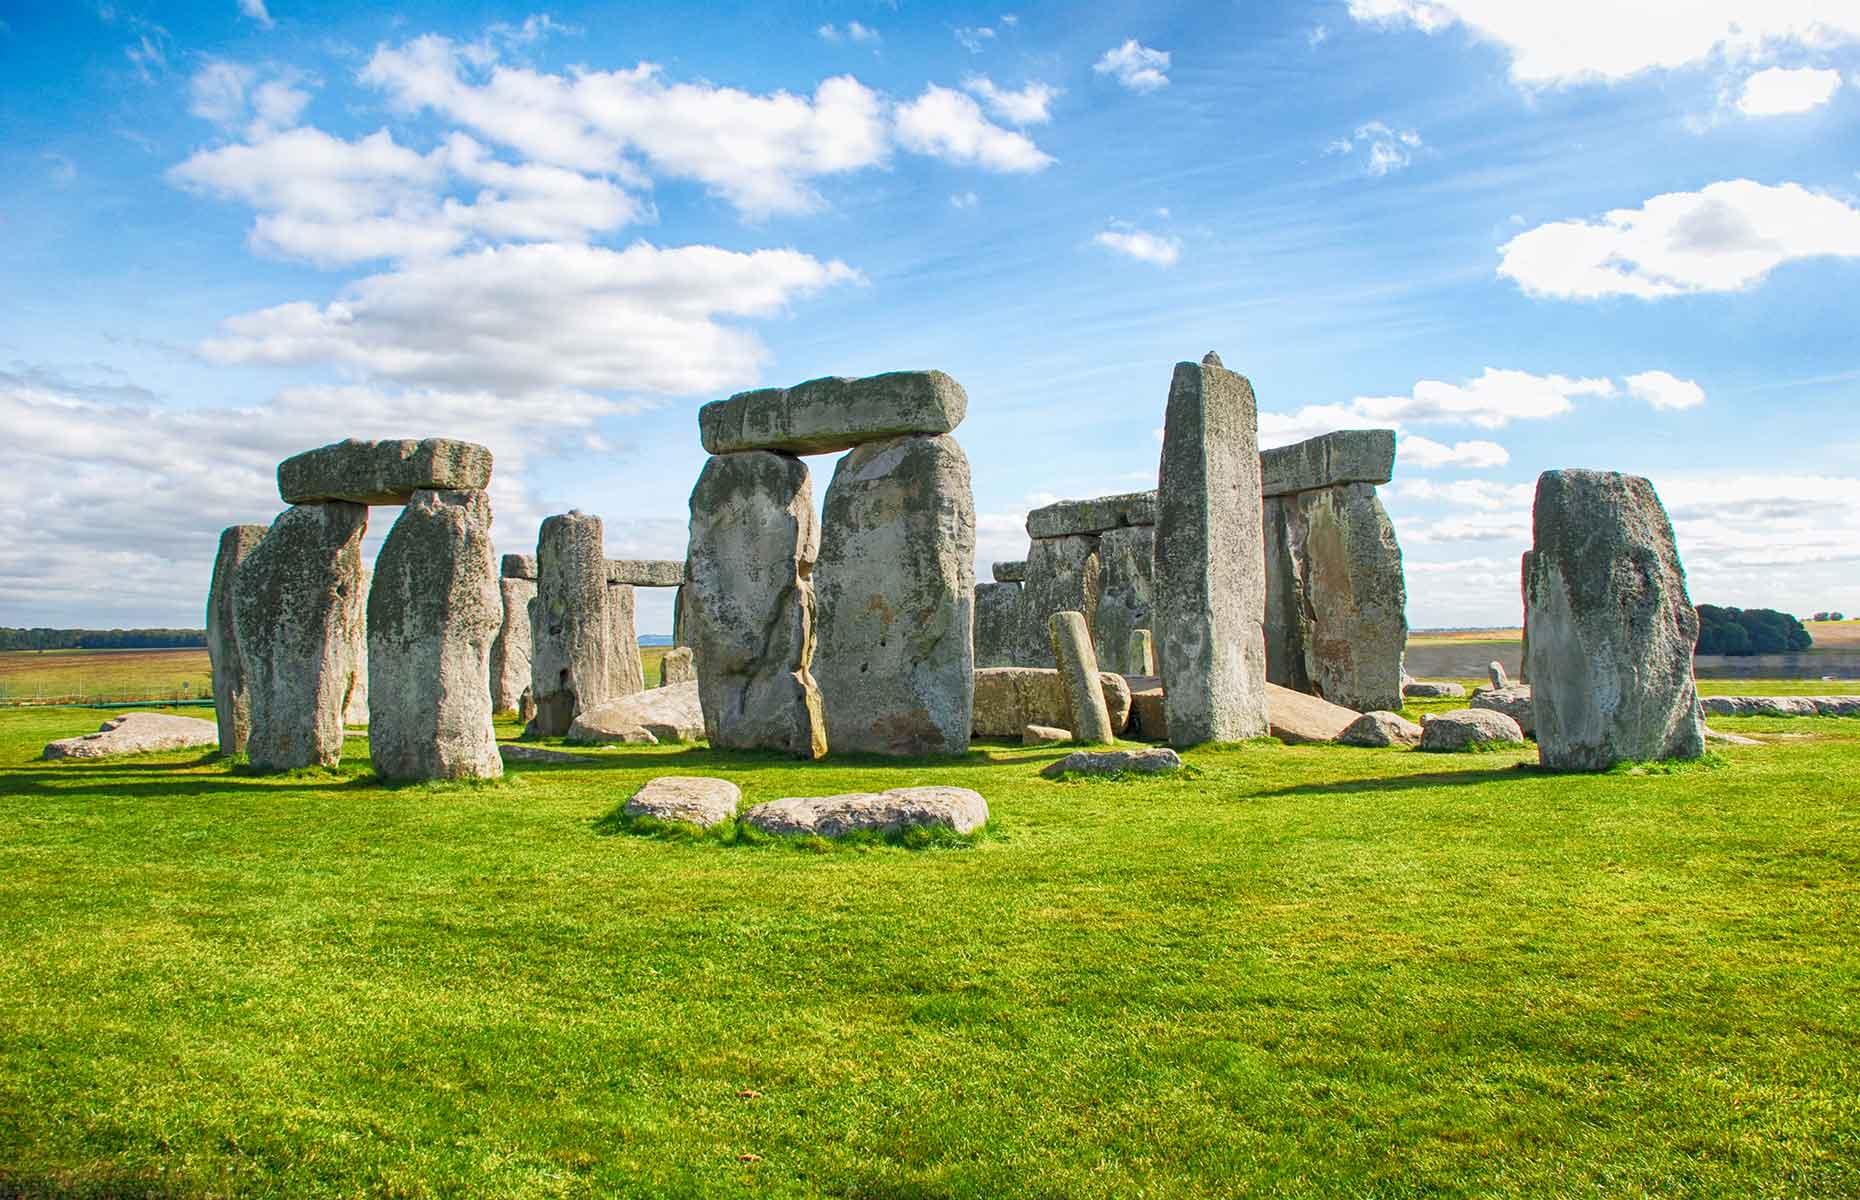 Stonehenge (Image: Mr Nai/Shutterstock)